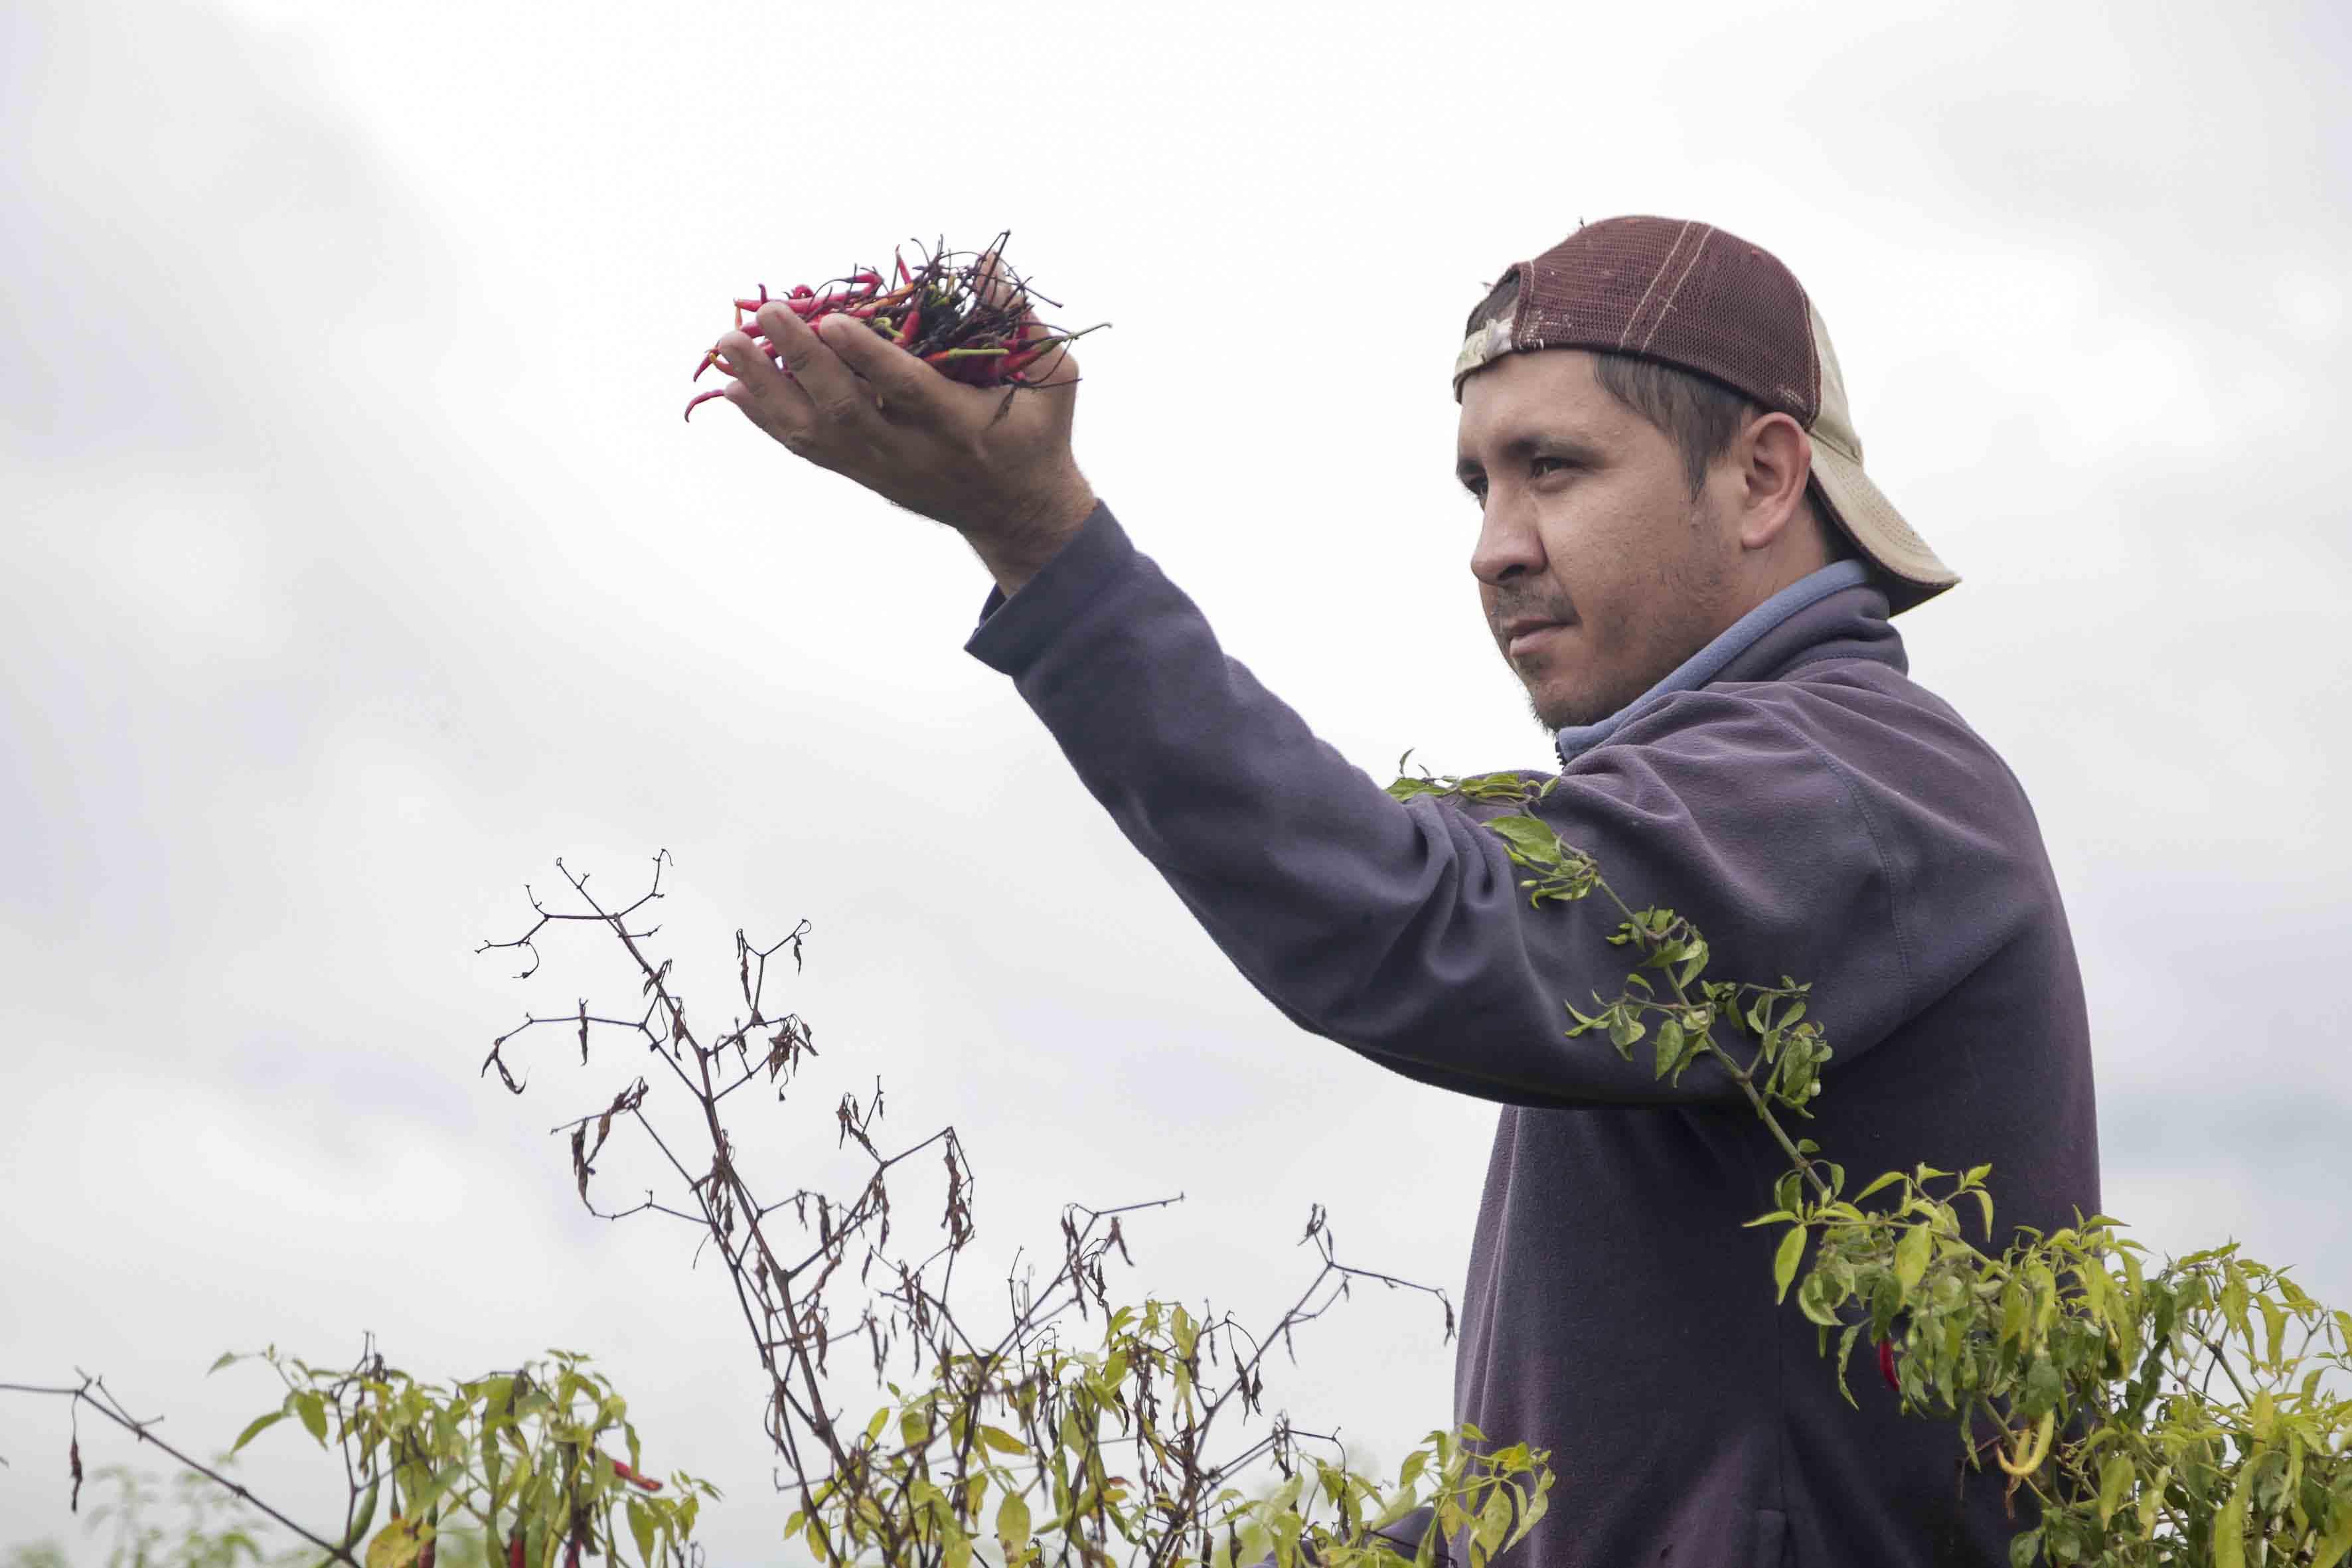 Agricultor de la comunidad de Manalisco, cercana a Yahualica, mostrando la cosecha del chile de árbol Yahualica.